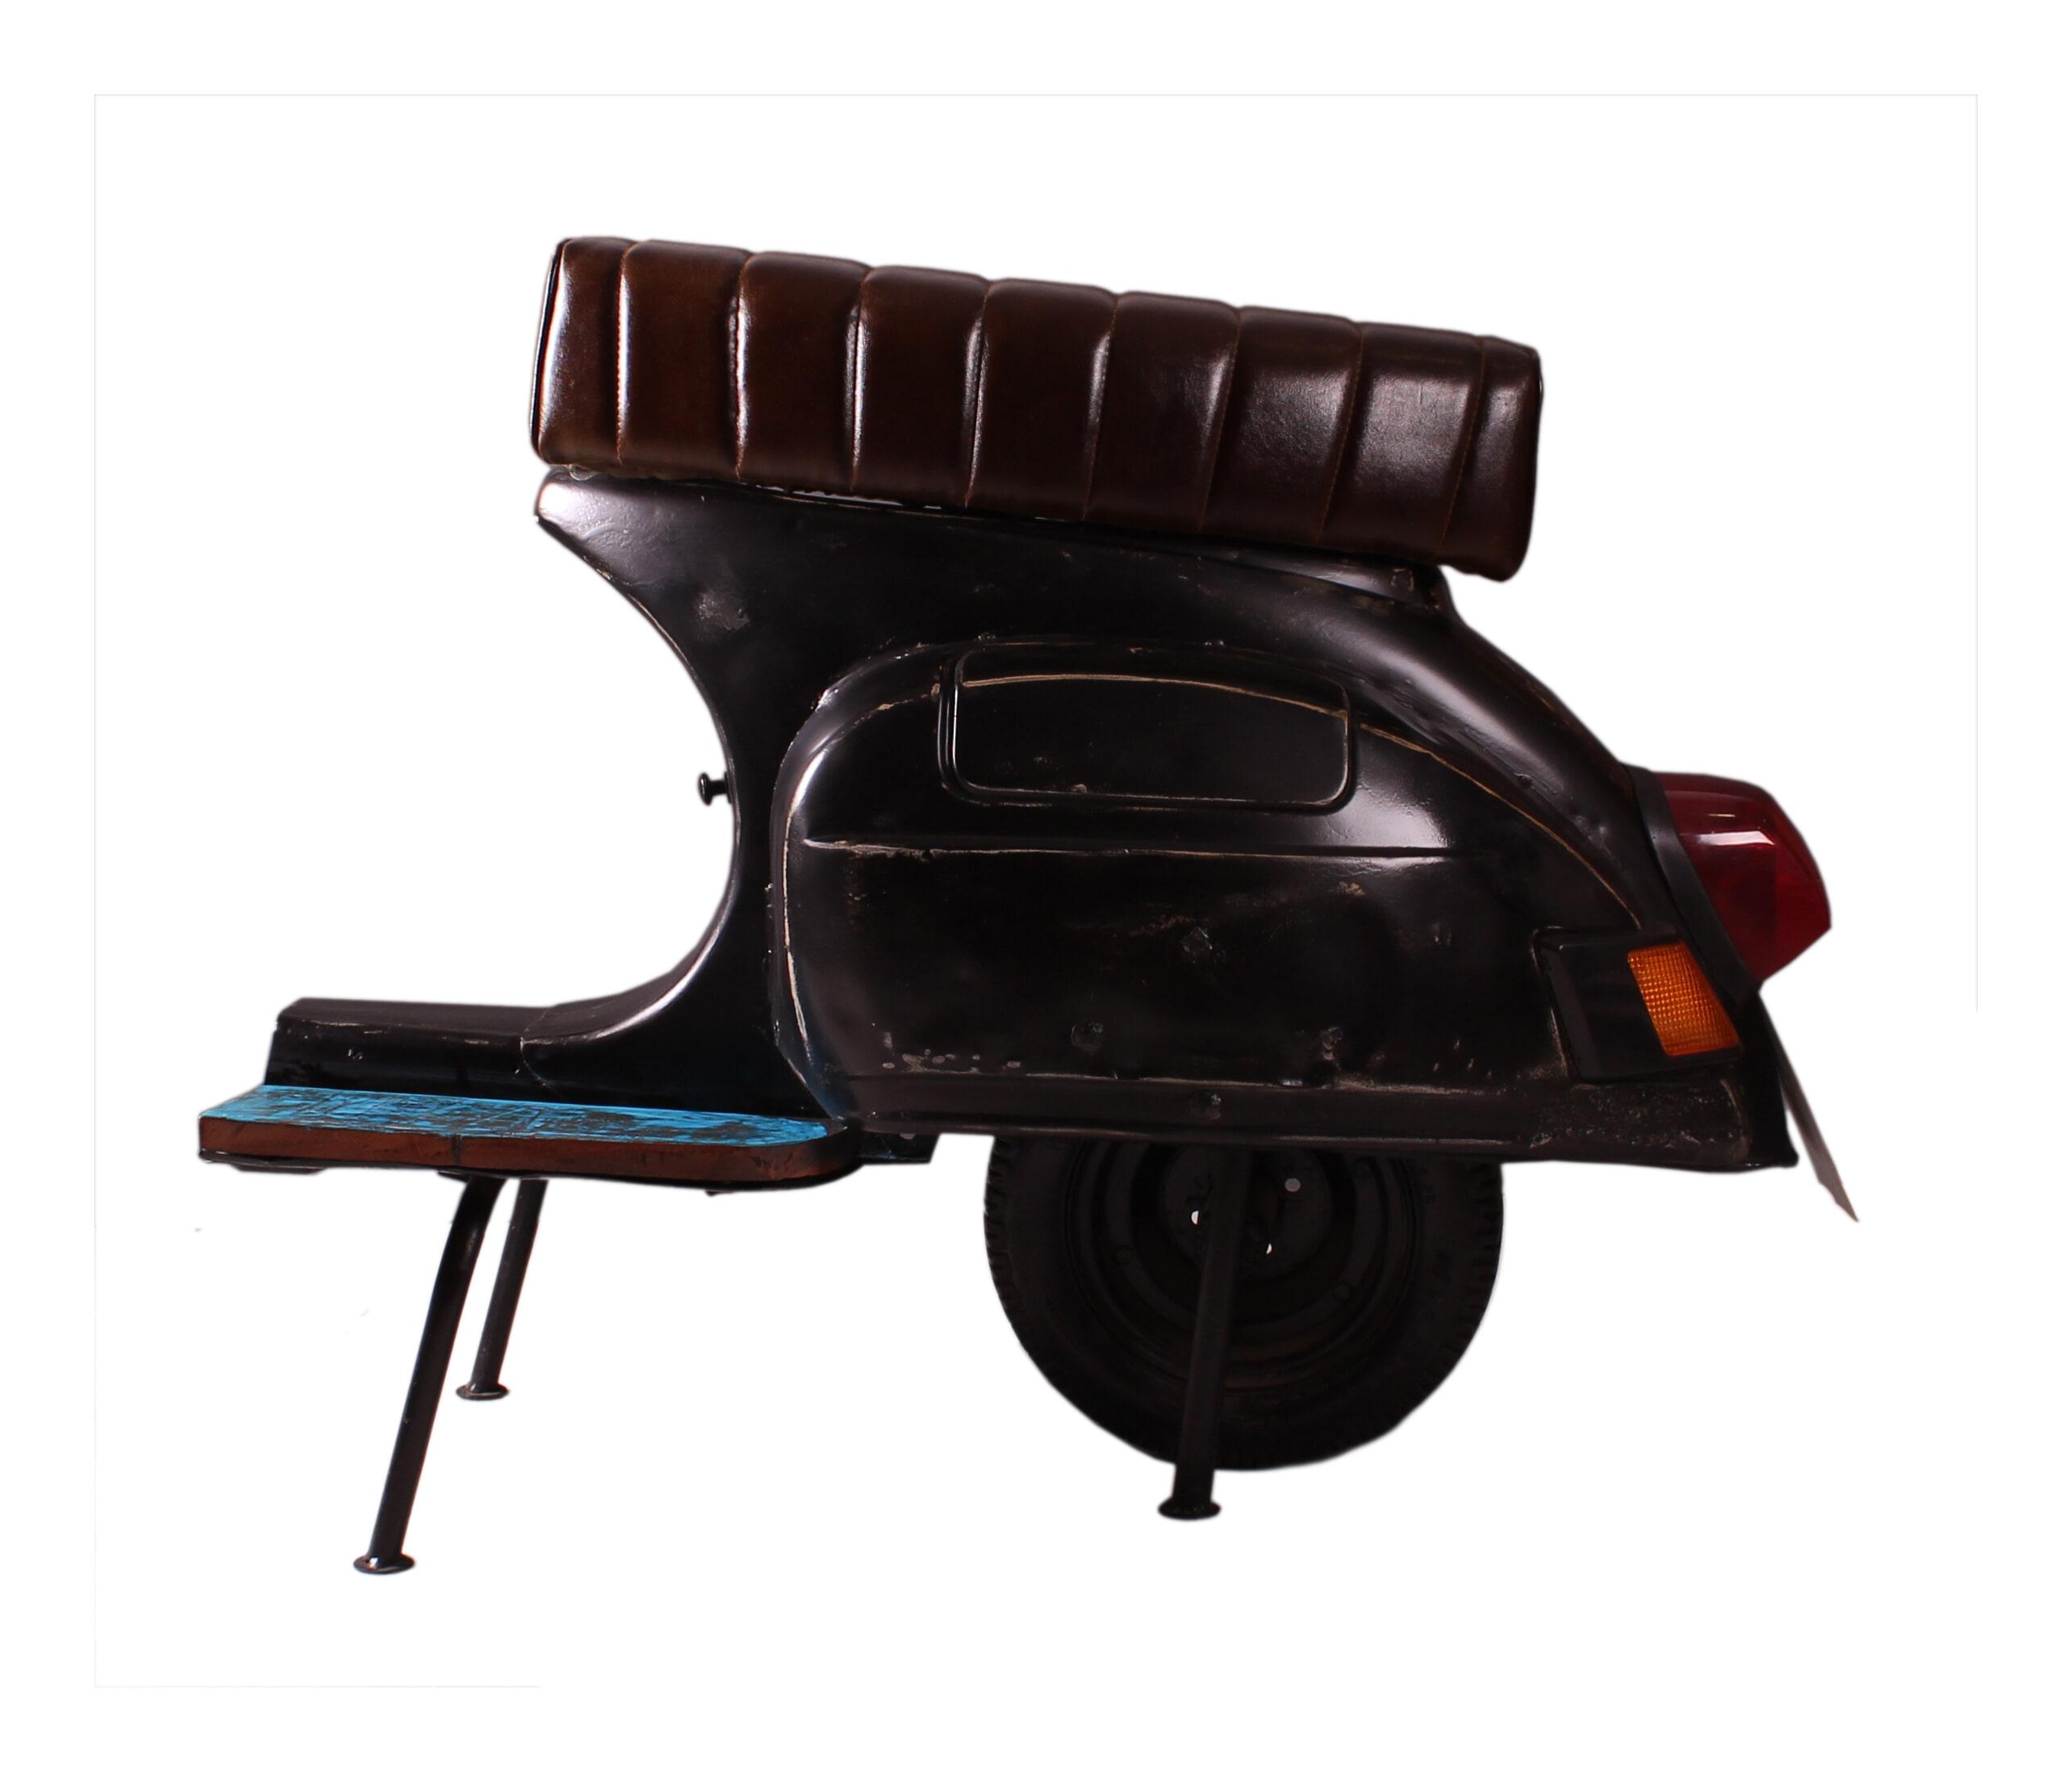 Op Design & Trends: Alles voor de inrichting van uw woning is alles over meubelen te vinden: waaronder meubelpartner en specifiek Artistiq Barkruk Scooter kleur zwart (Artistiq-Barkruk-Scooter-kleur-zwart32604)